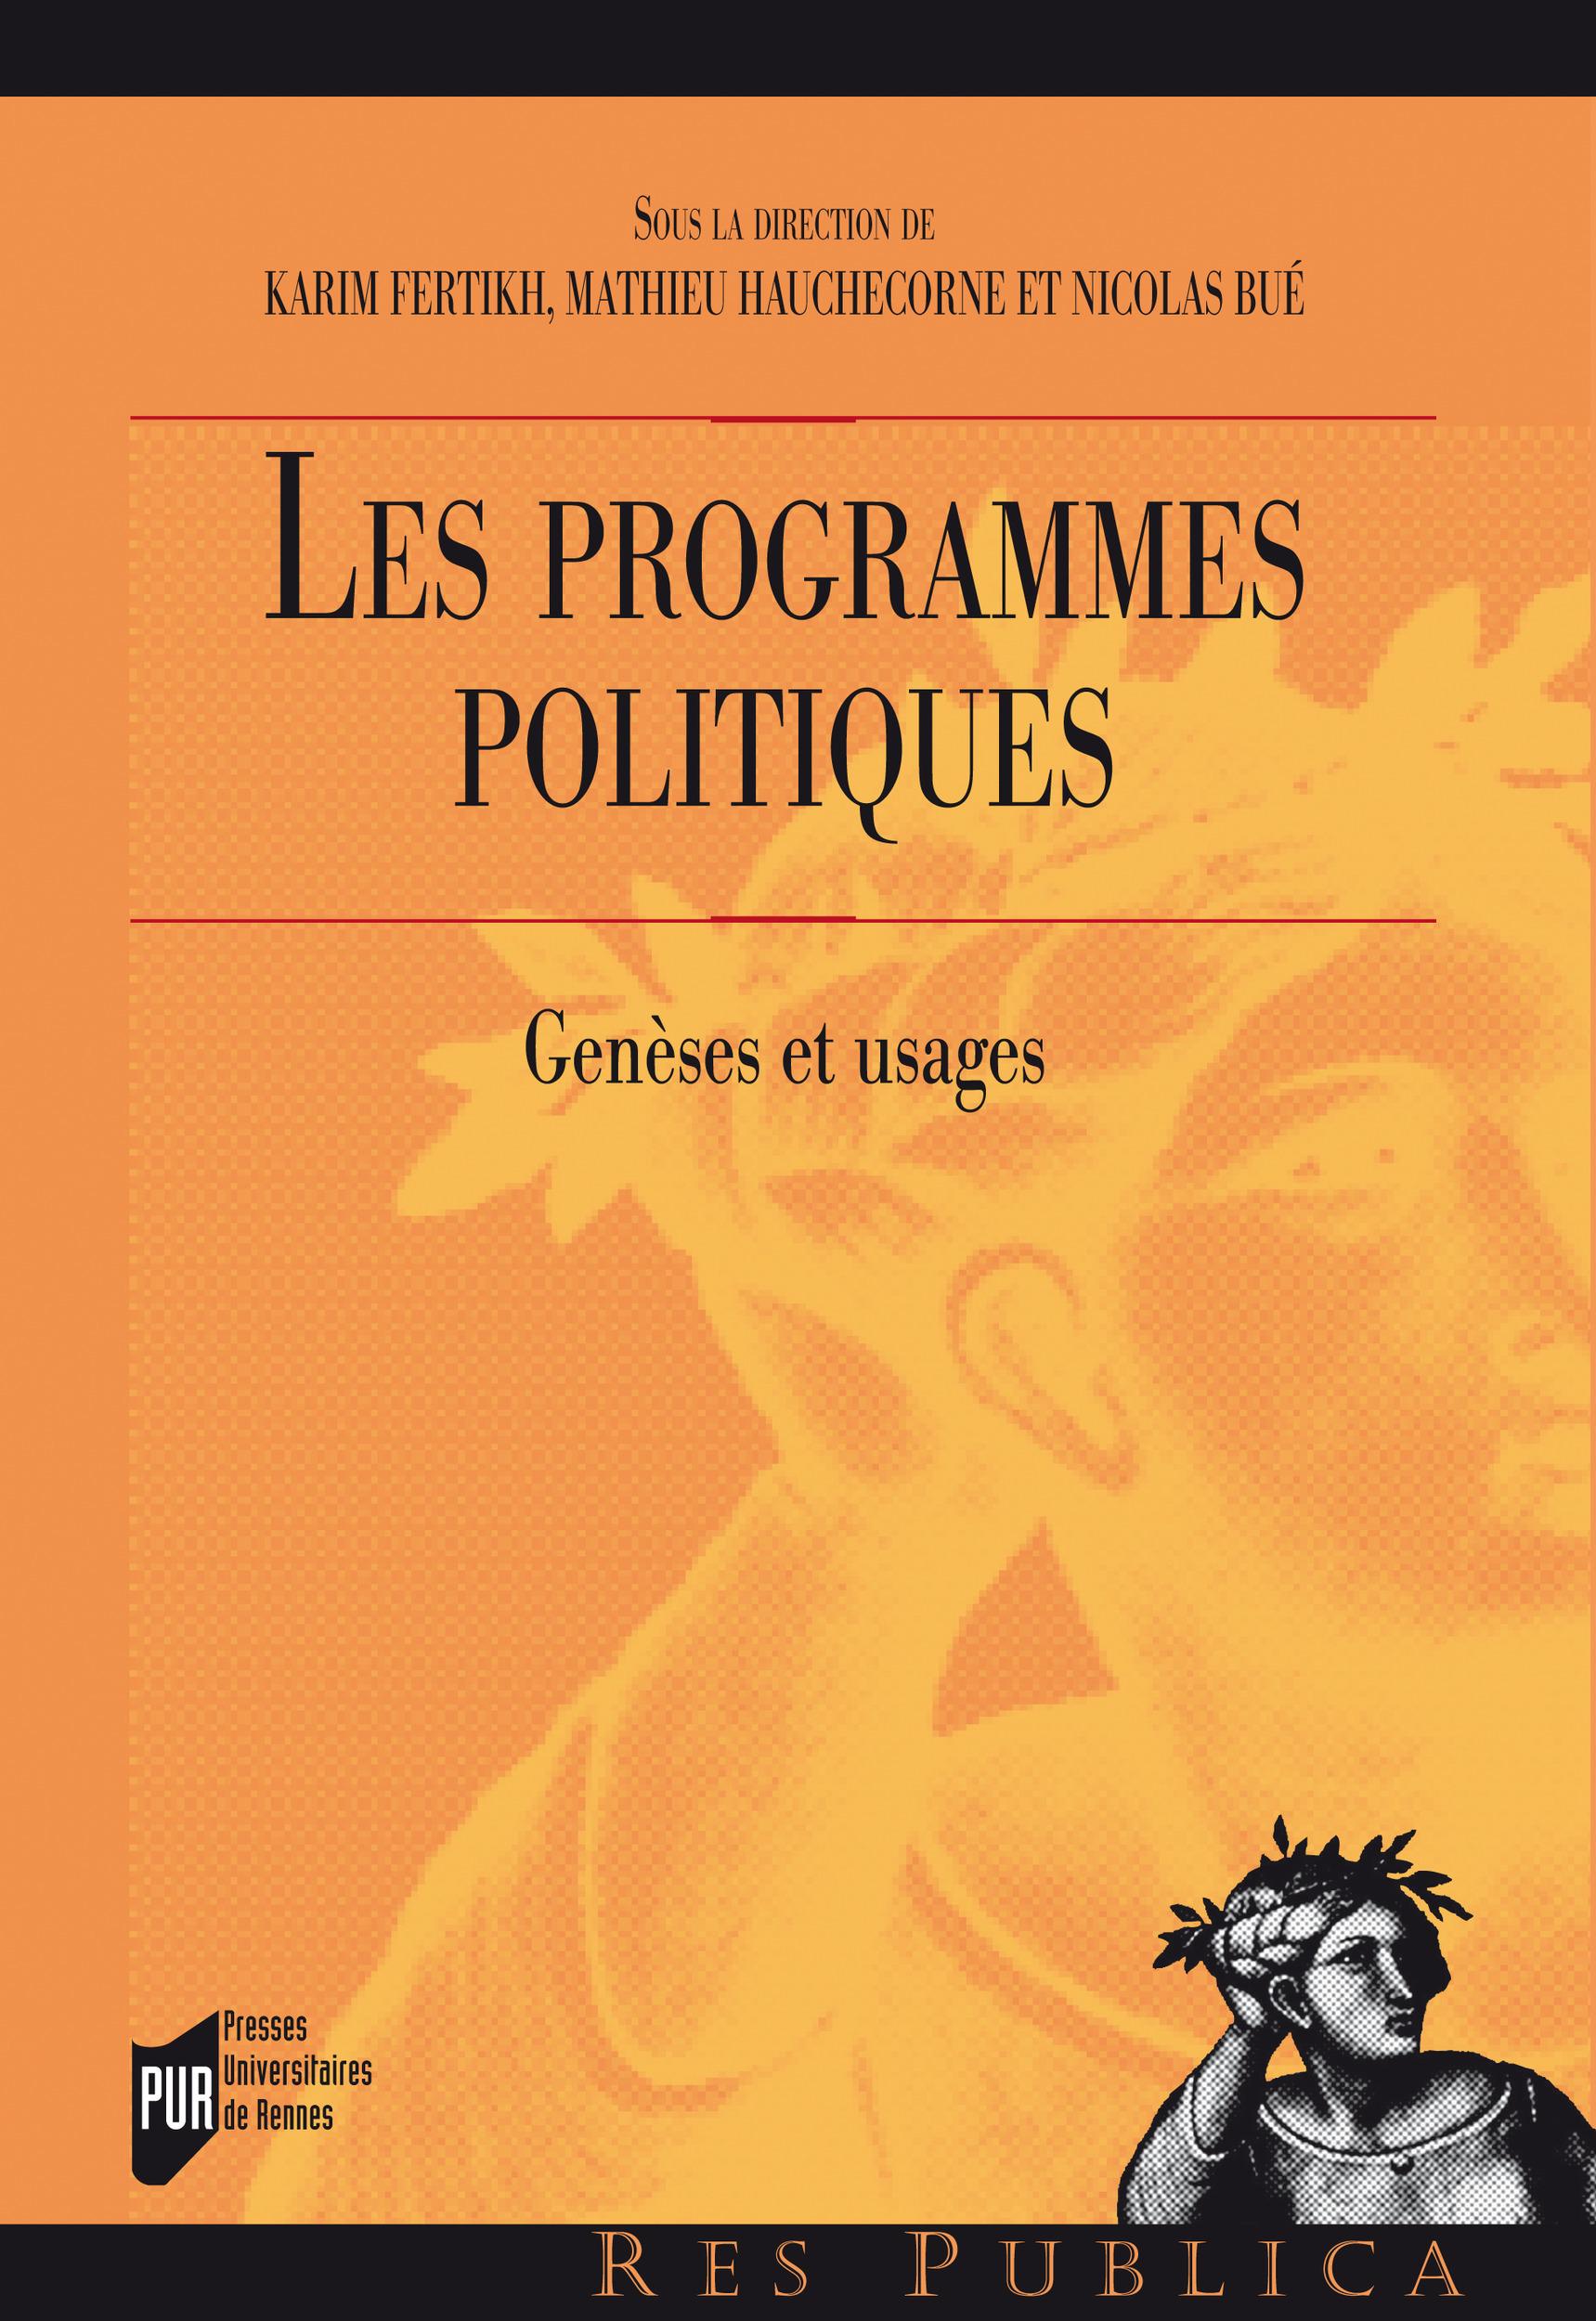 Les programmes politiques ; genèses et usages